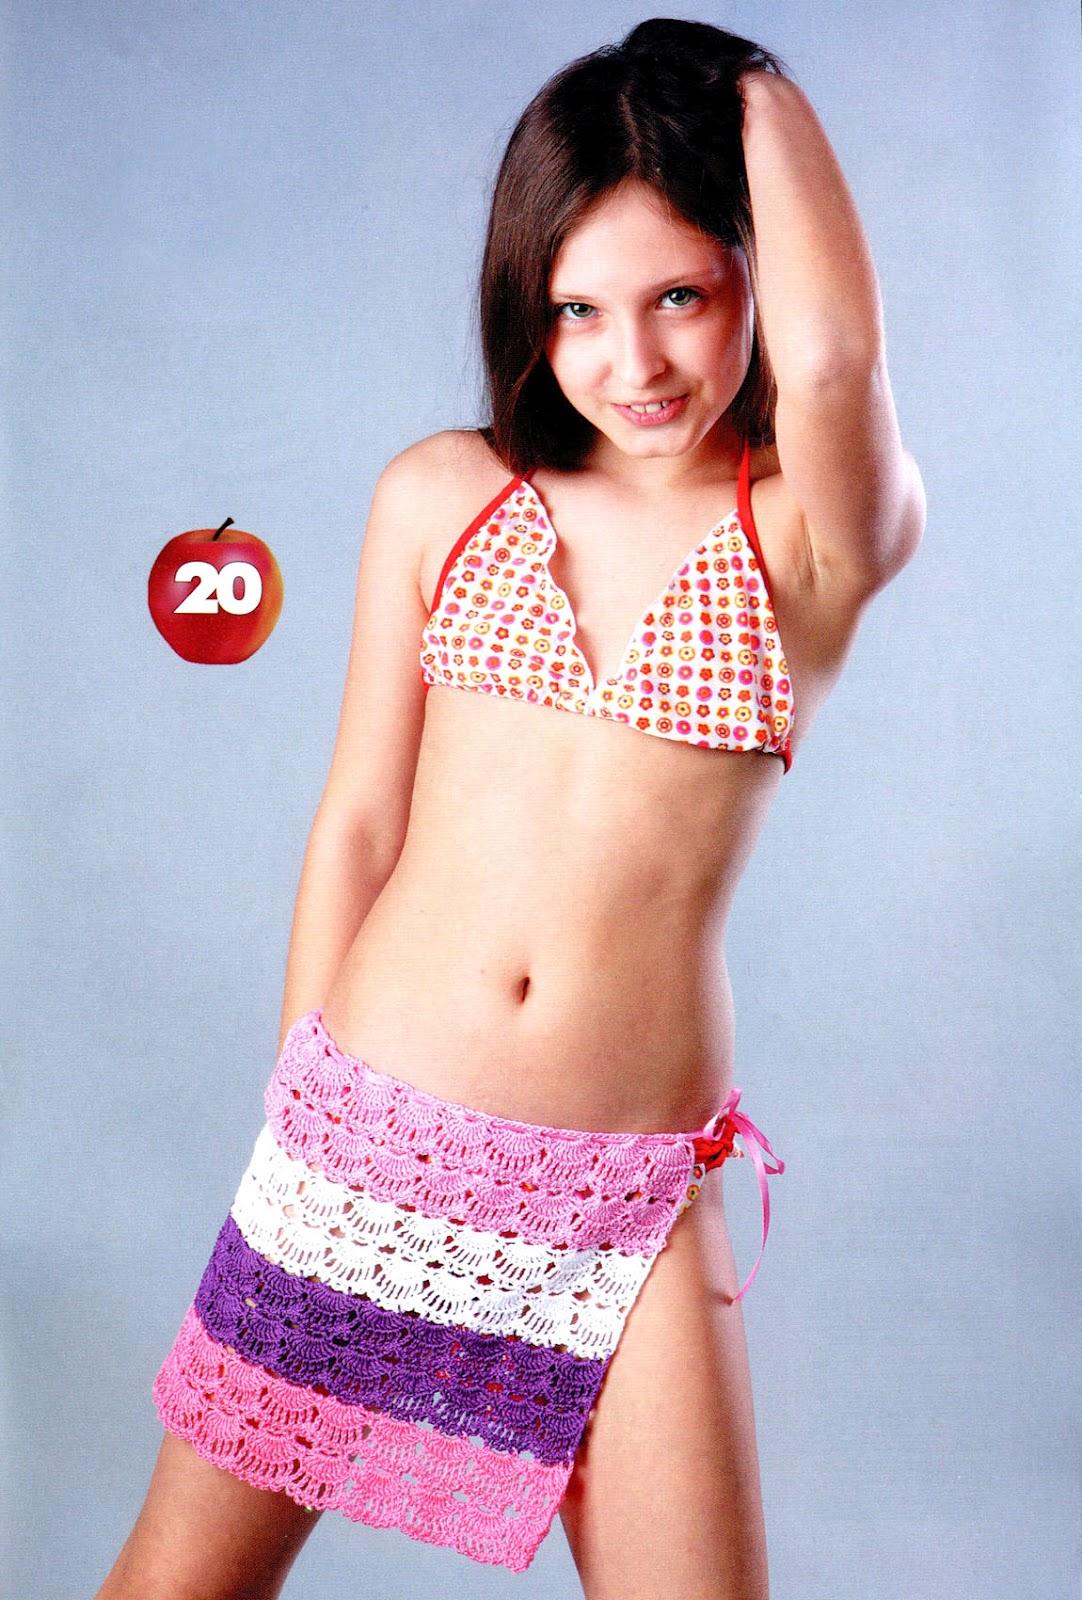 Секс маленких девачек фото 20 фотография